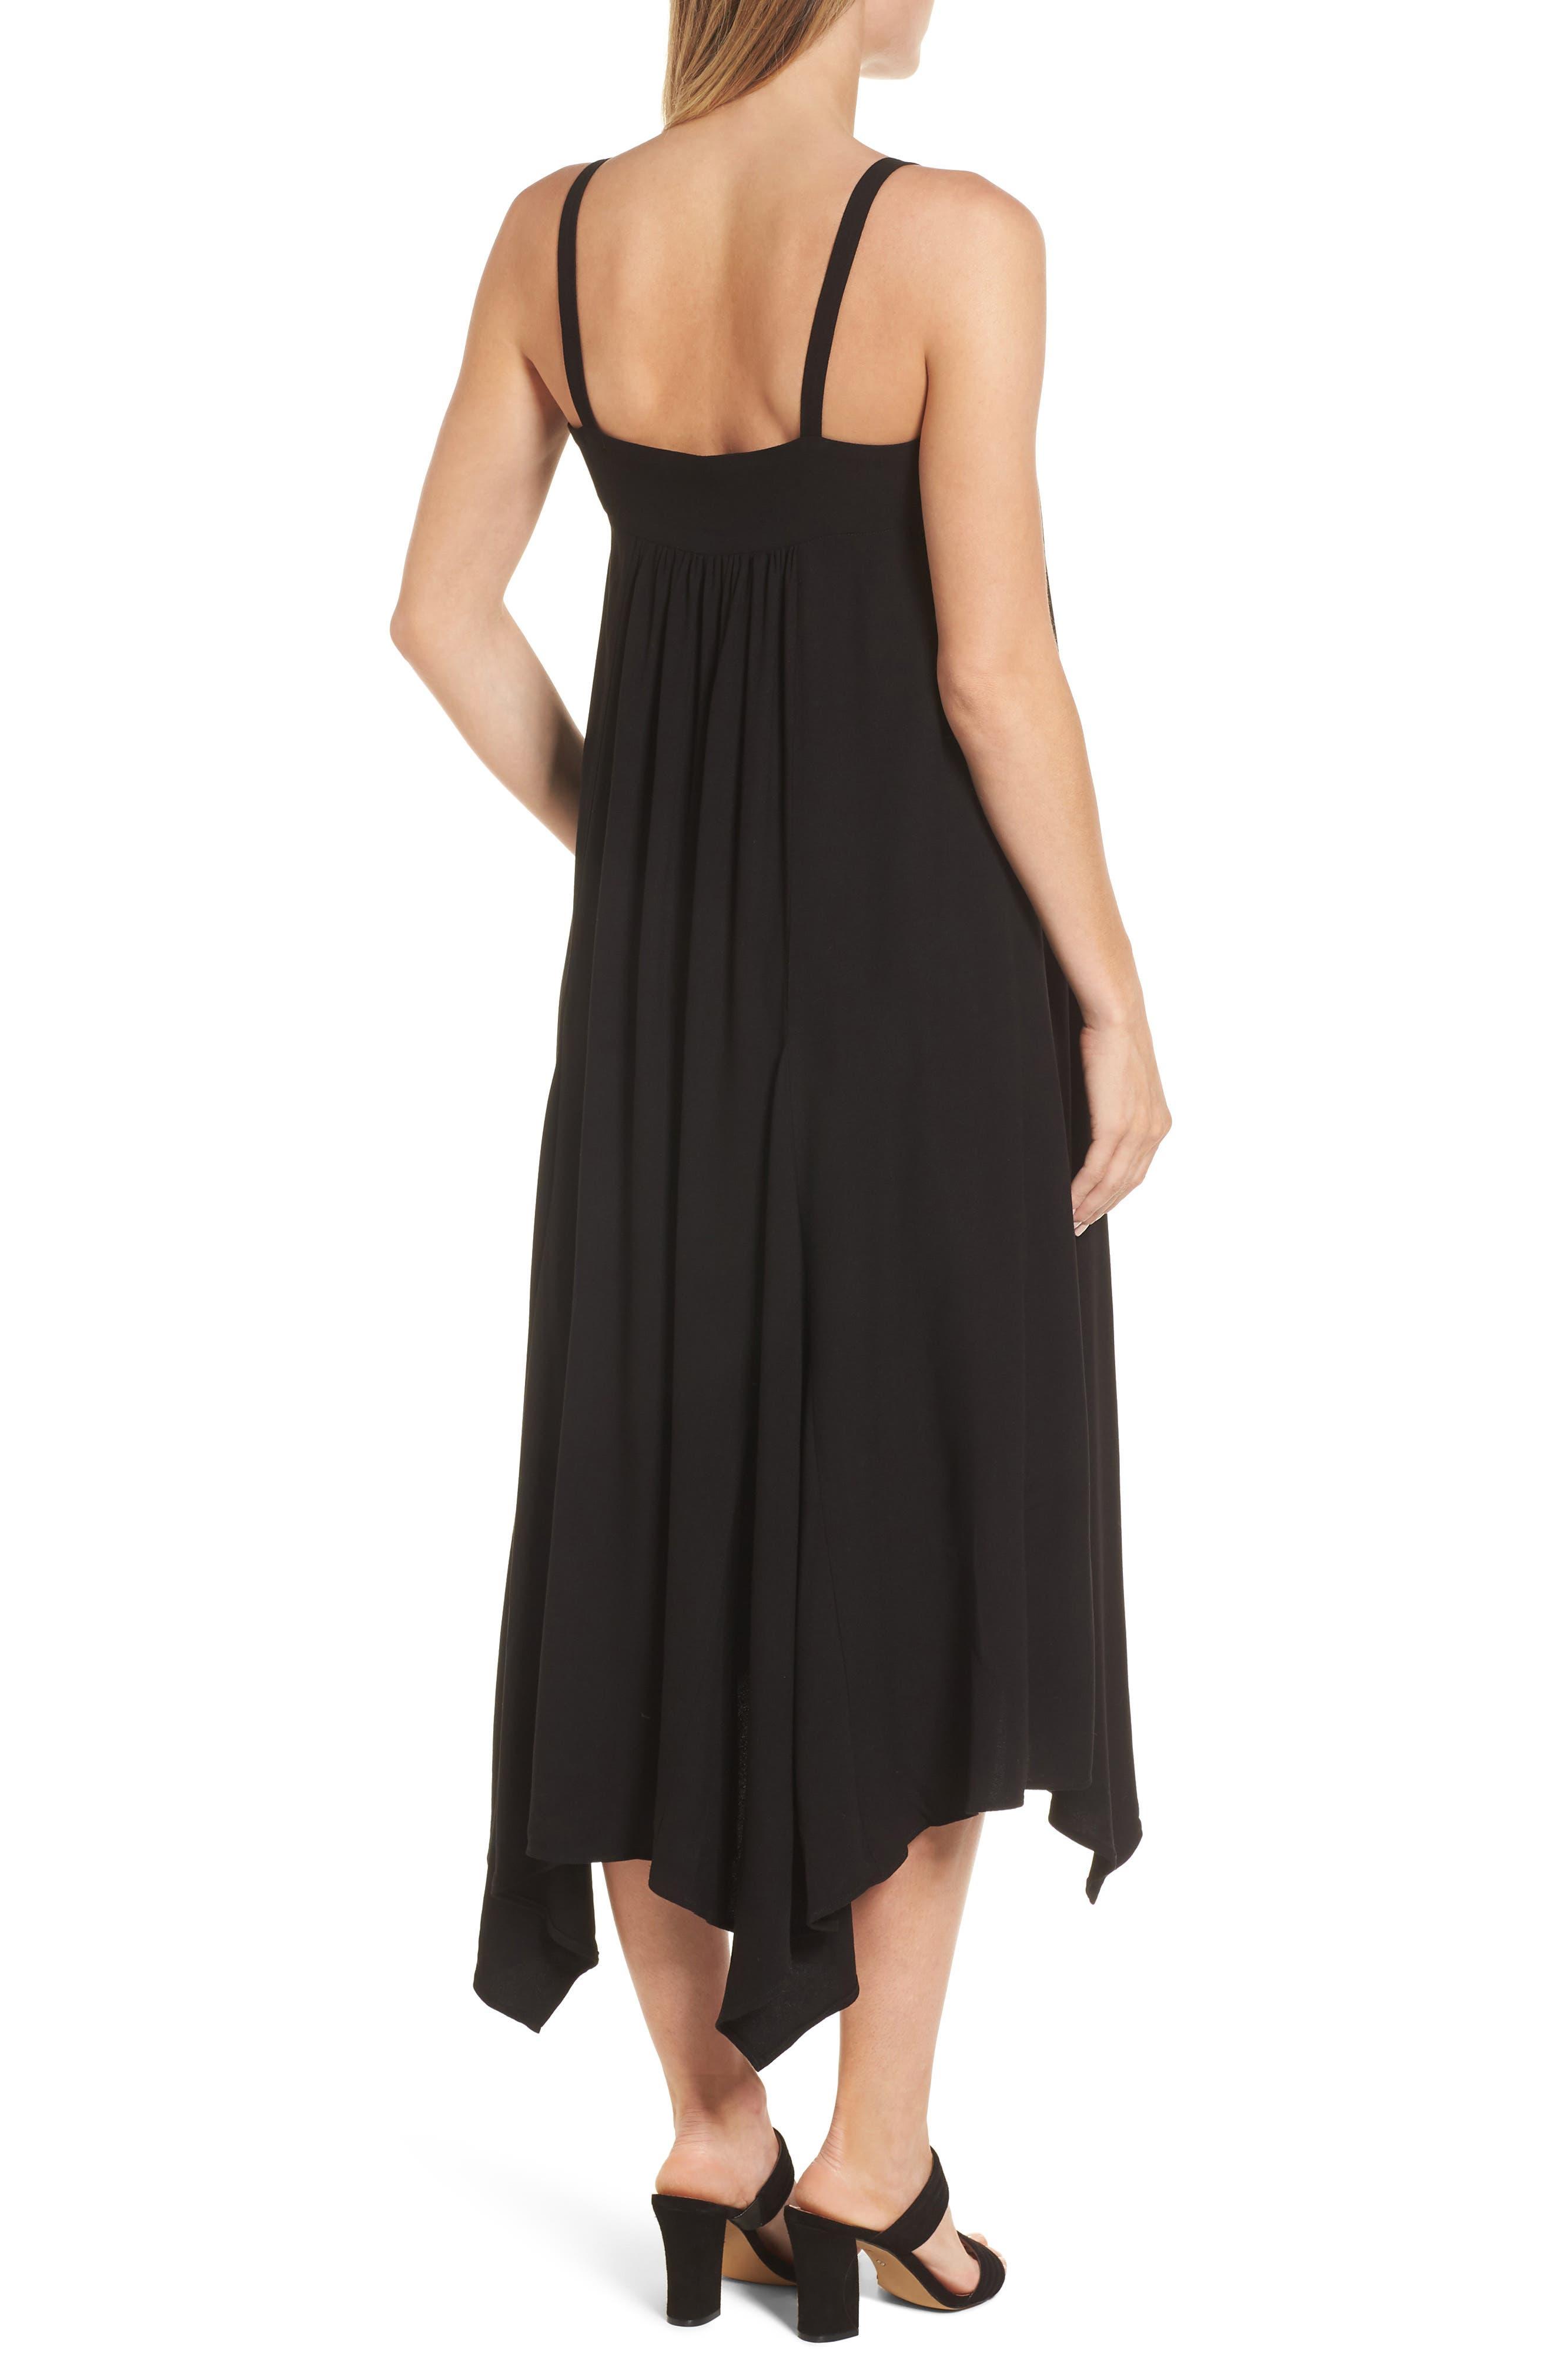 Carey Handkerchief Hem Maternity Dress,                             Alternate thumbnail 2, color,                             Caviar Black